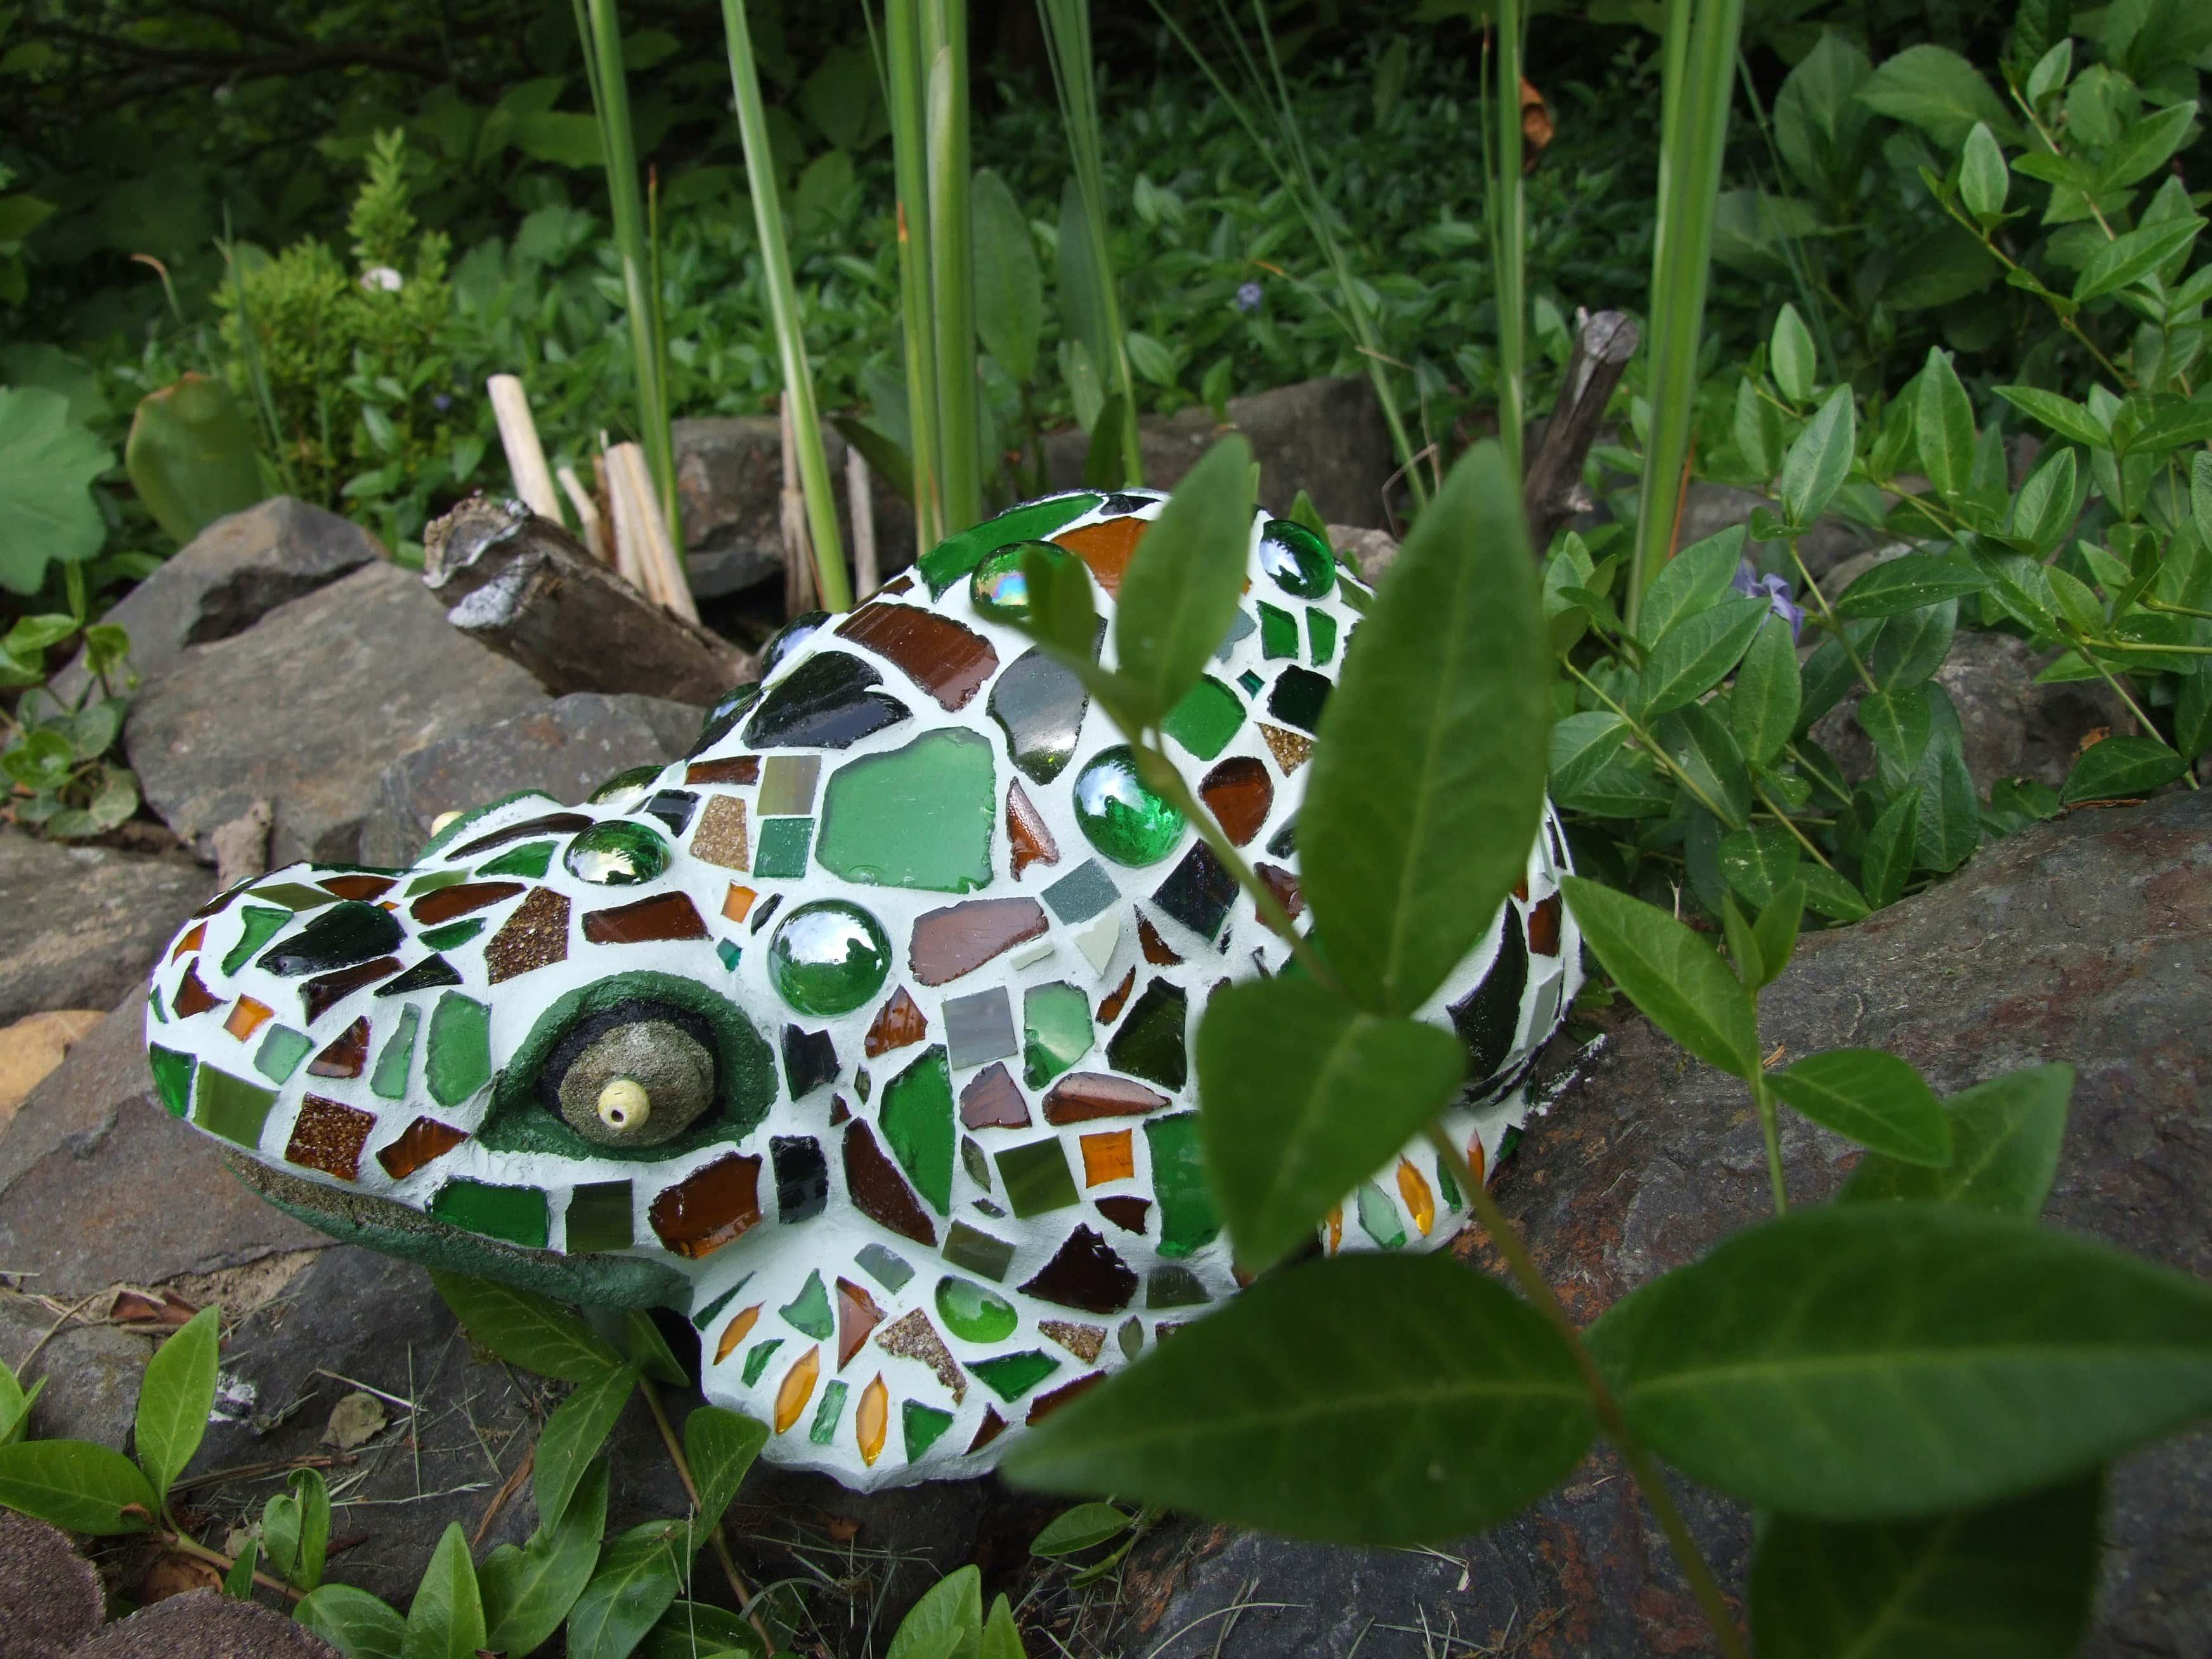 Der perfekte Platz für den Mosaik-Frosch? Natürlich nah am Miniteich, wo auch die echten Frösche sitzen.